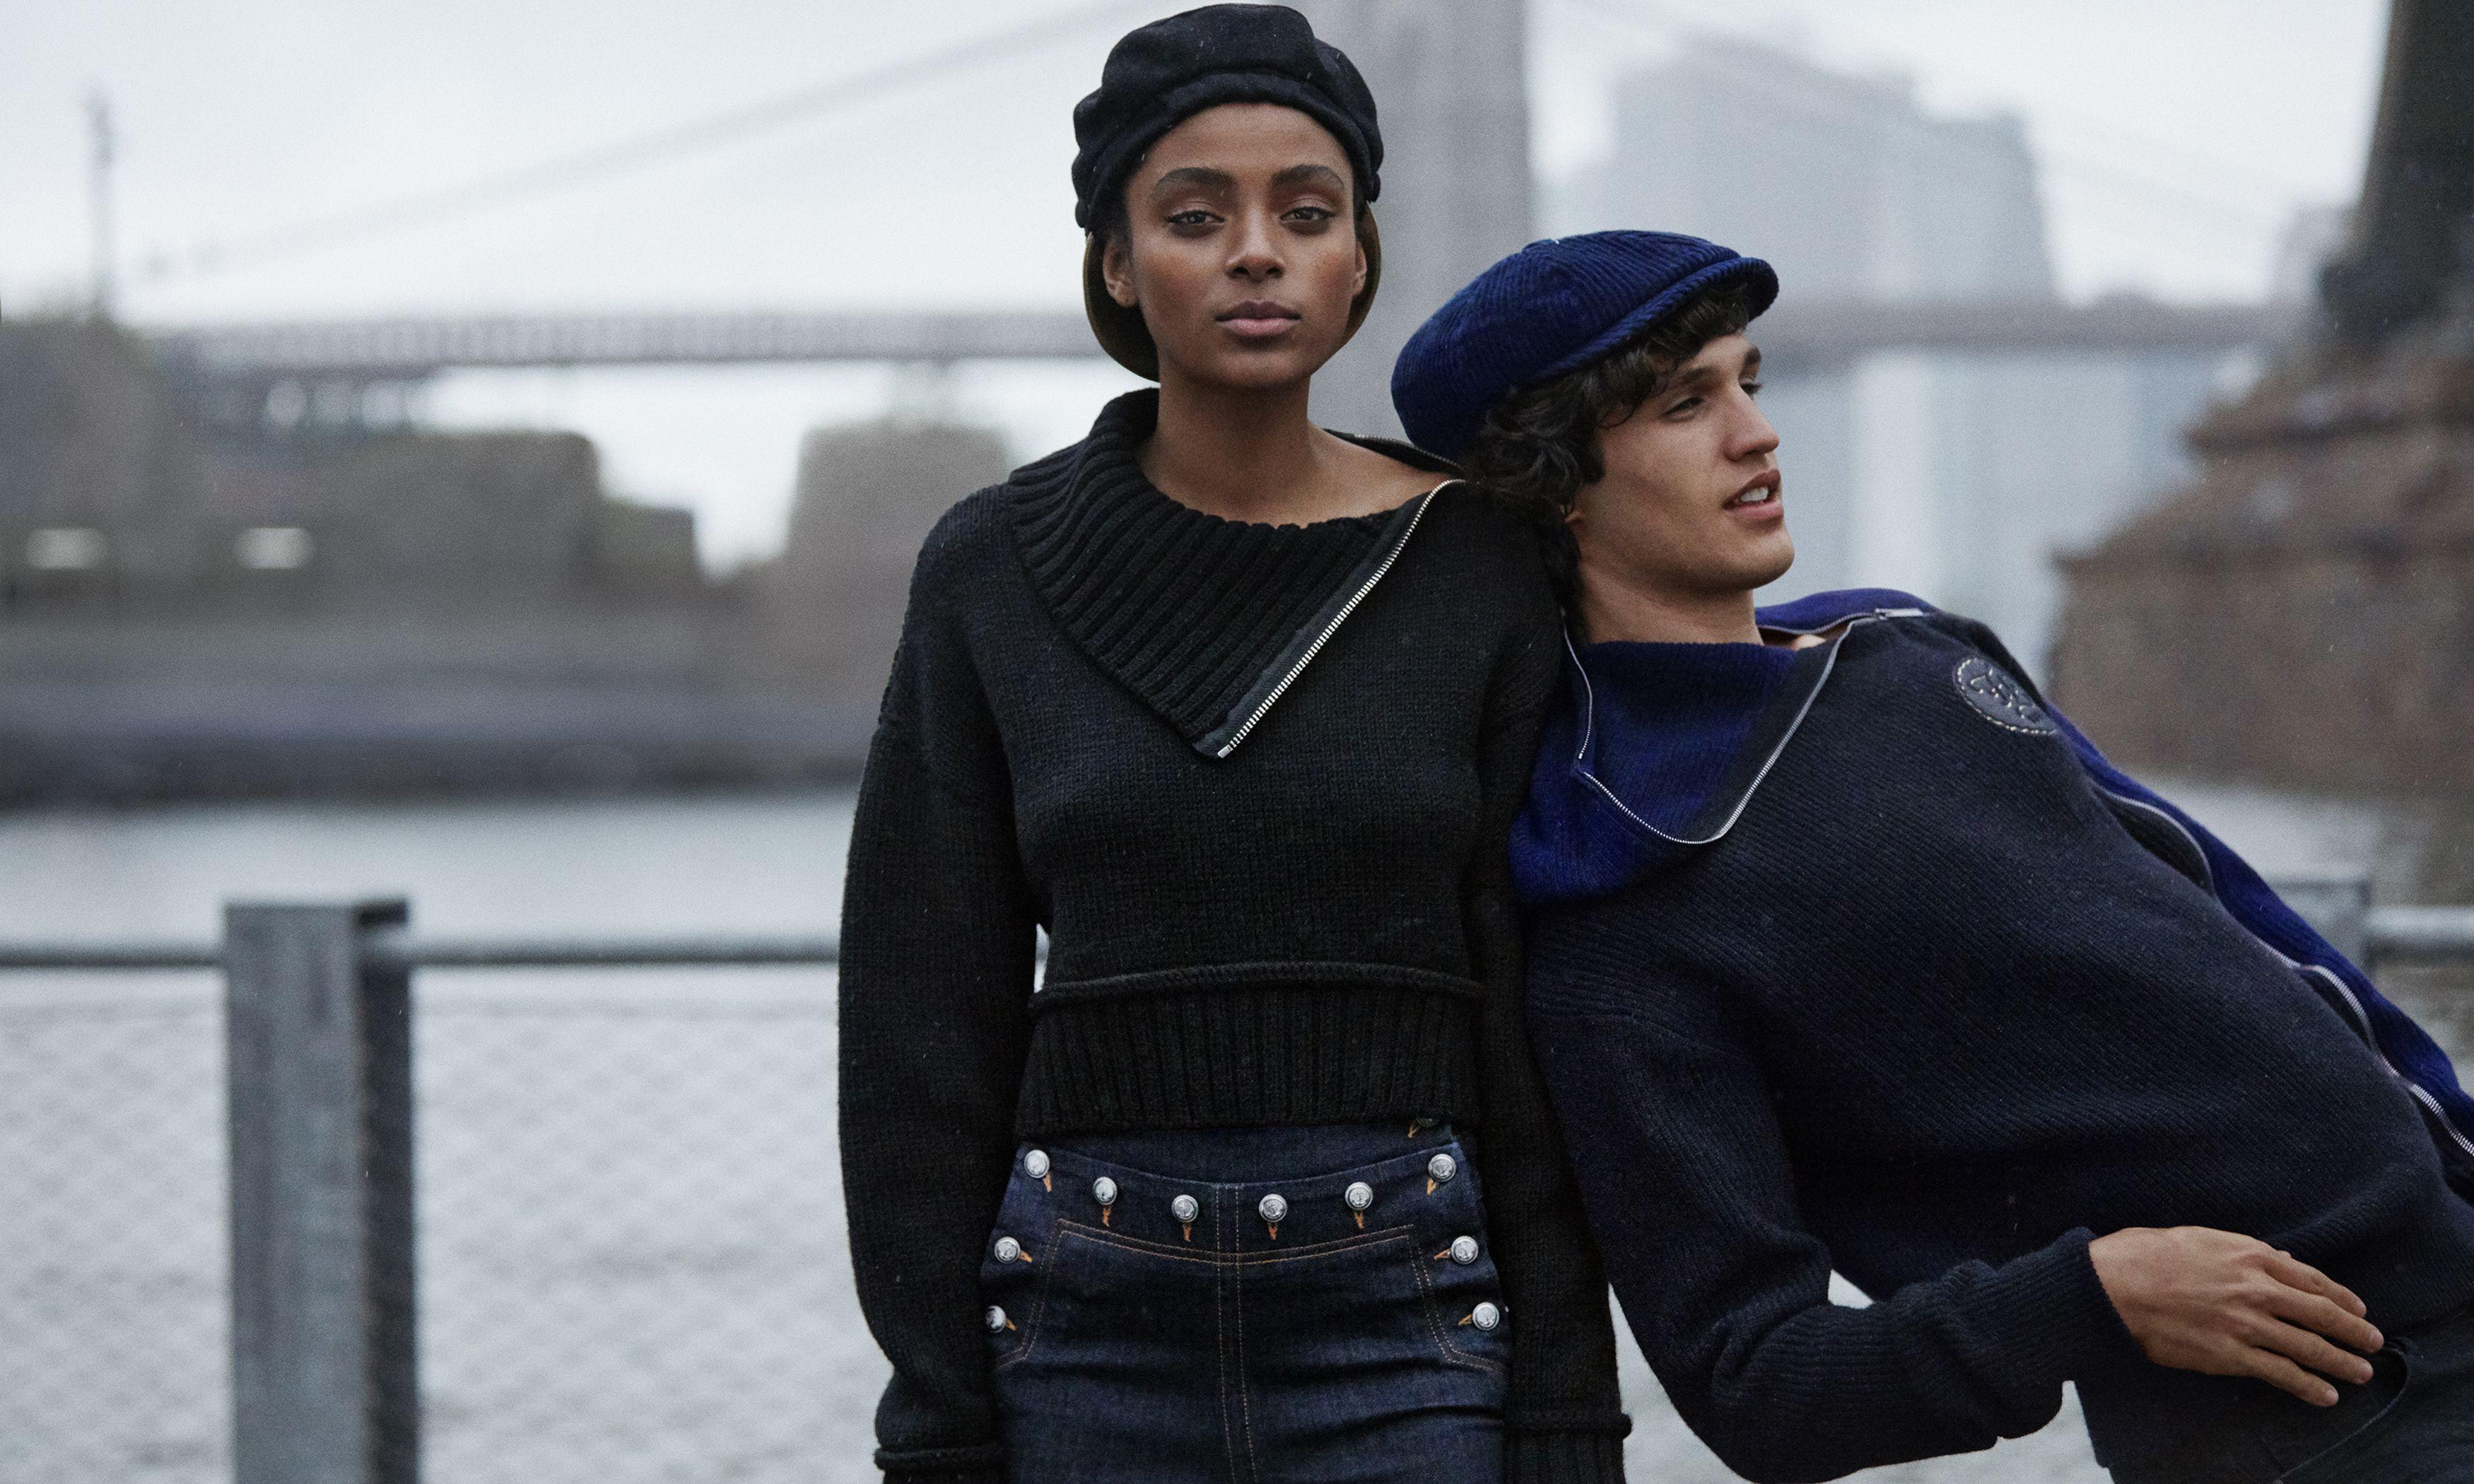 L'amore per i jeans questo Autunno Inverno 2019 2020 è un passo a due tra accostamenti innovativi e facili da portare